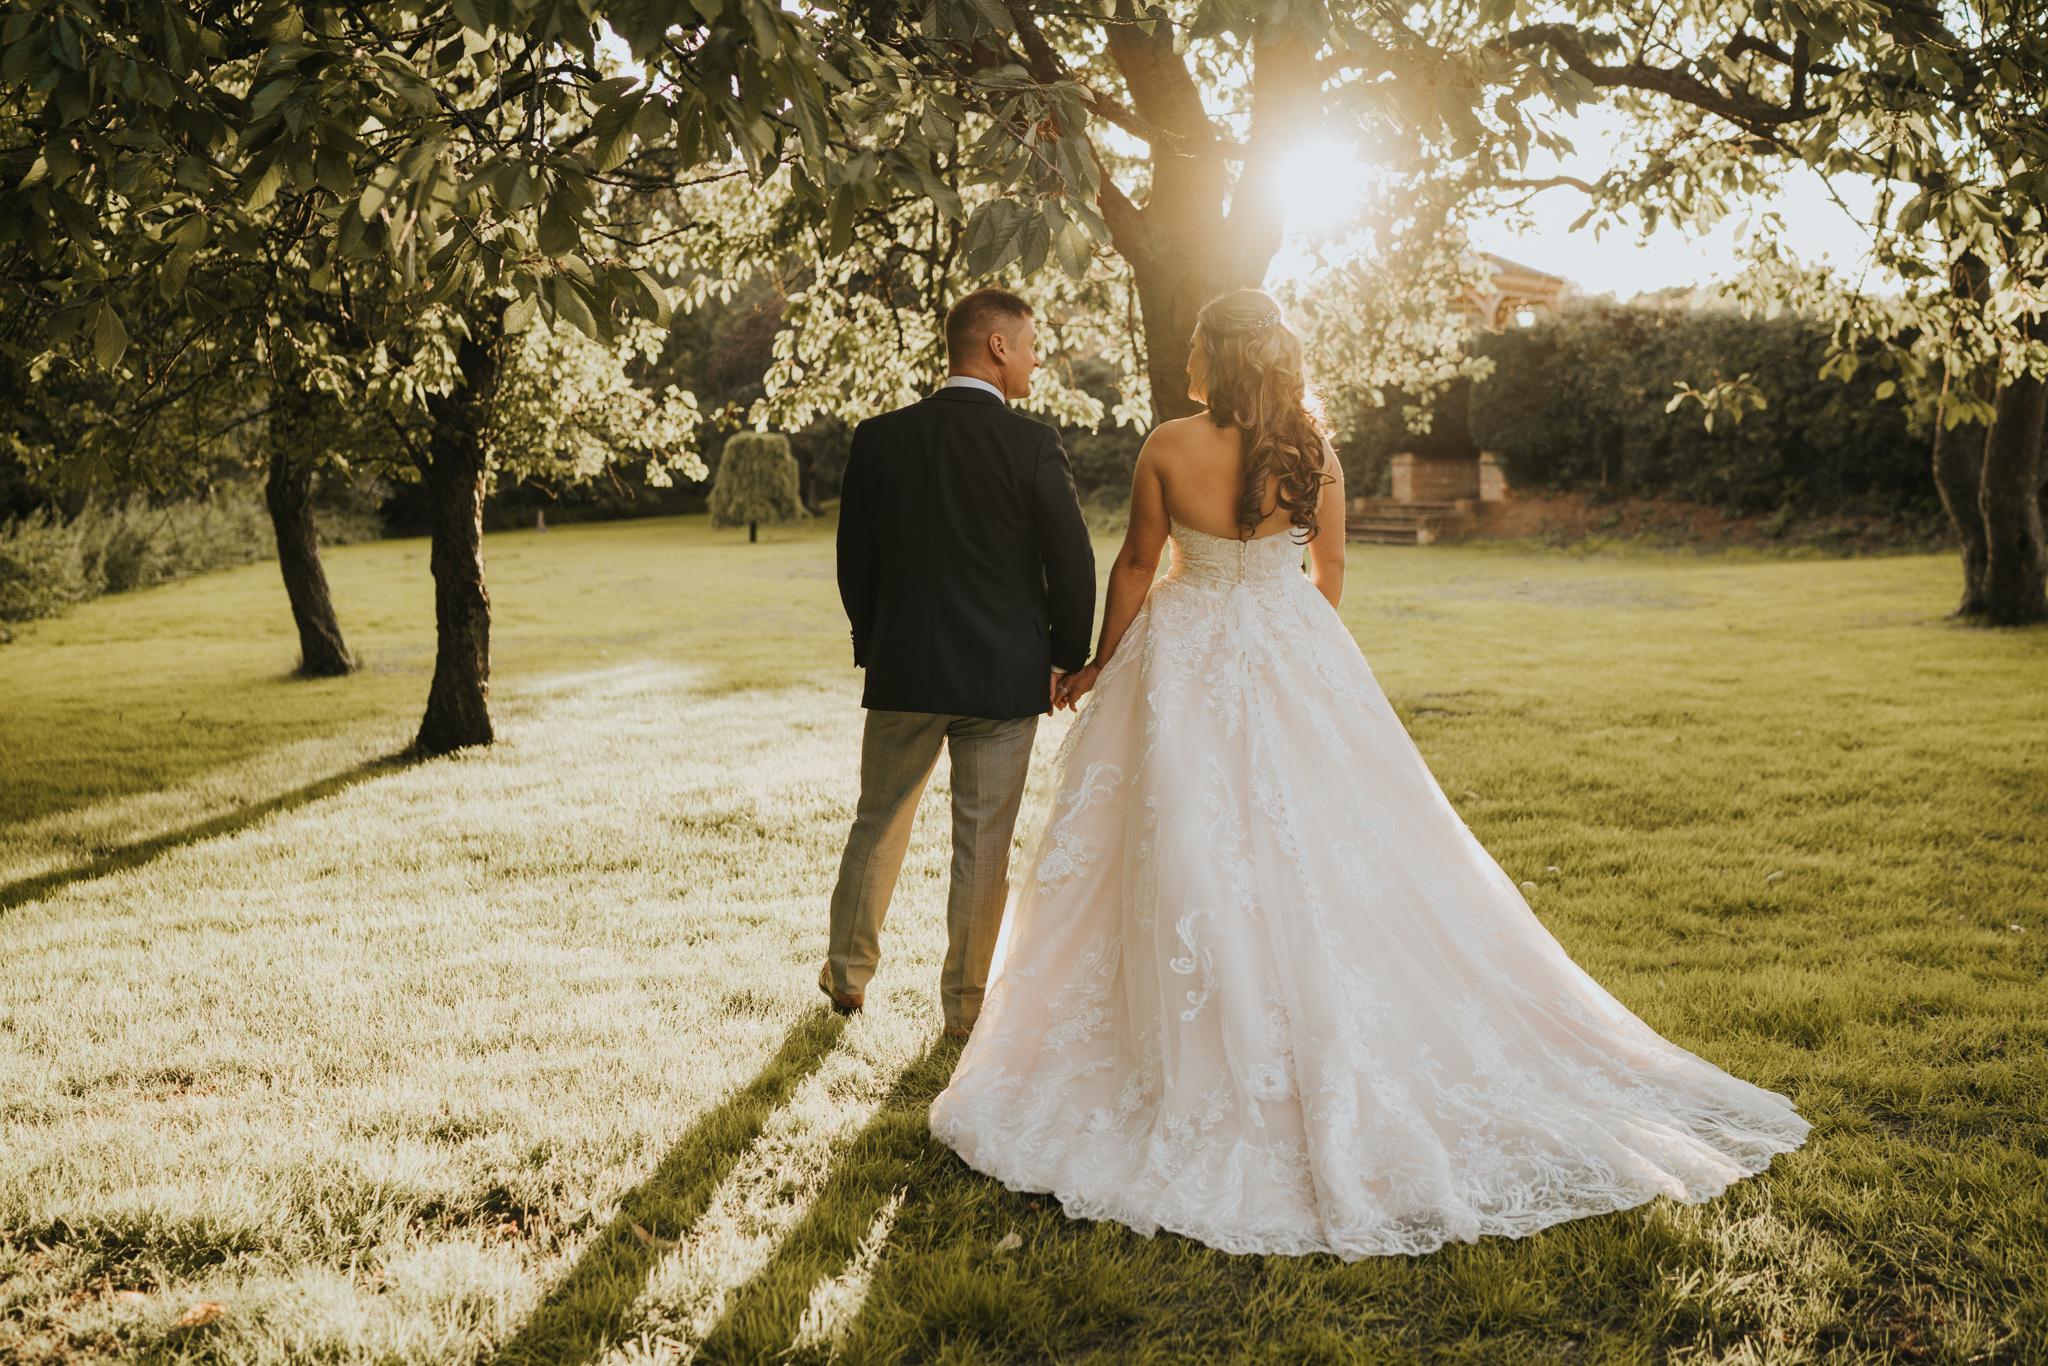 grace-elizabeth-essex-wedding-photographer-best-2018-highlights-norfolk-essex-devon-suffolk (56 of 100).jpg